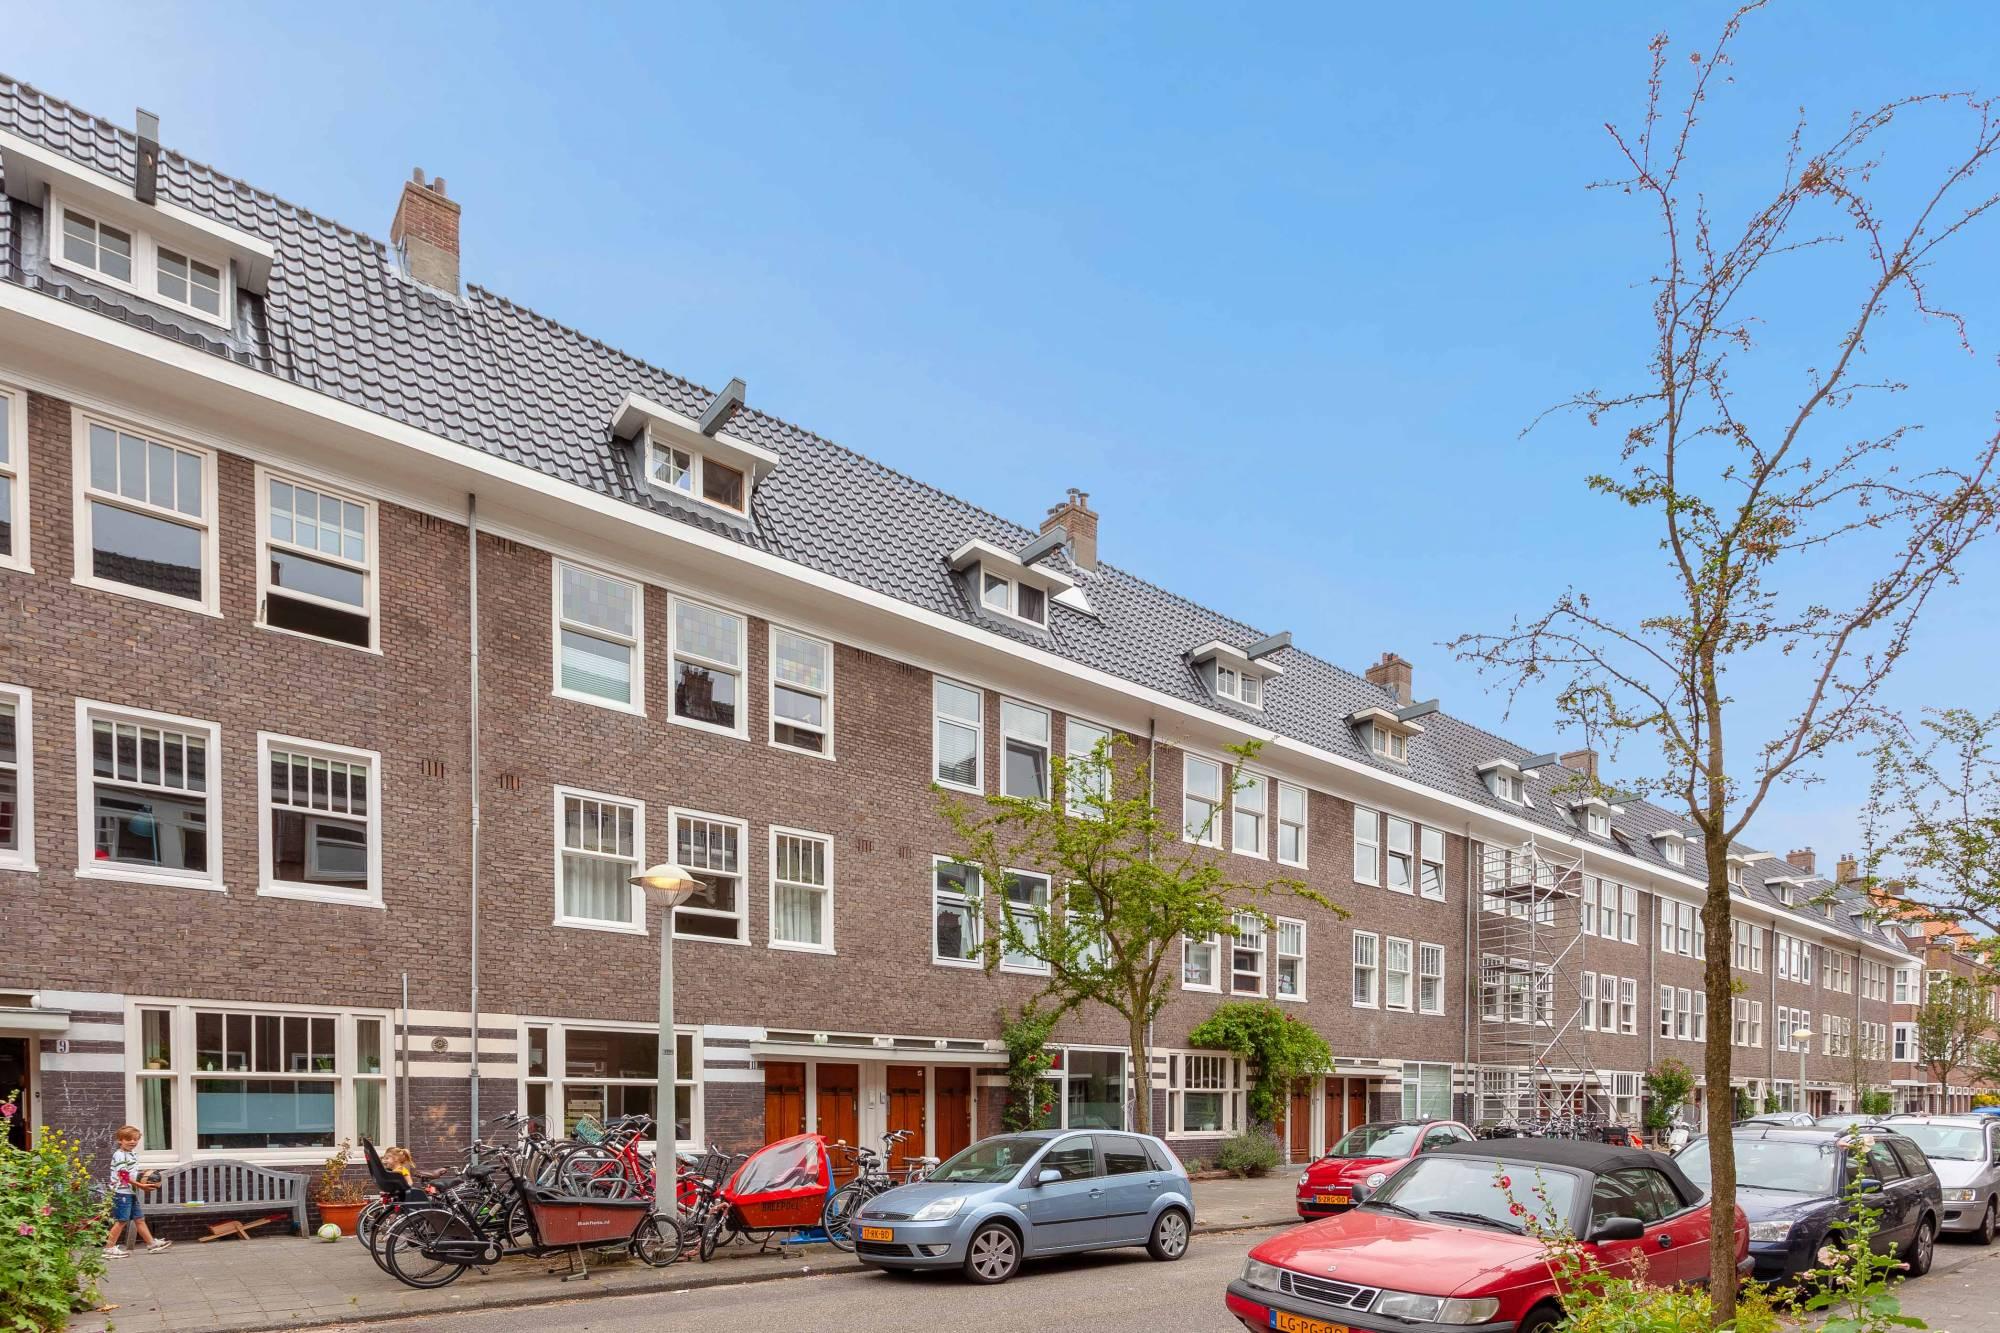 Woubruggestraat / Amsterdam